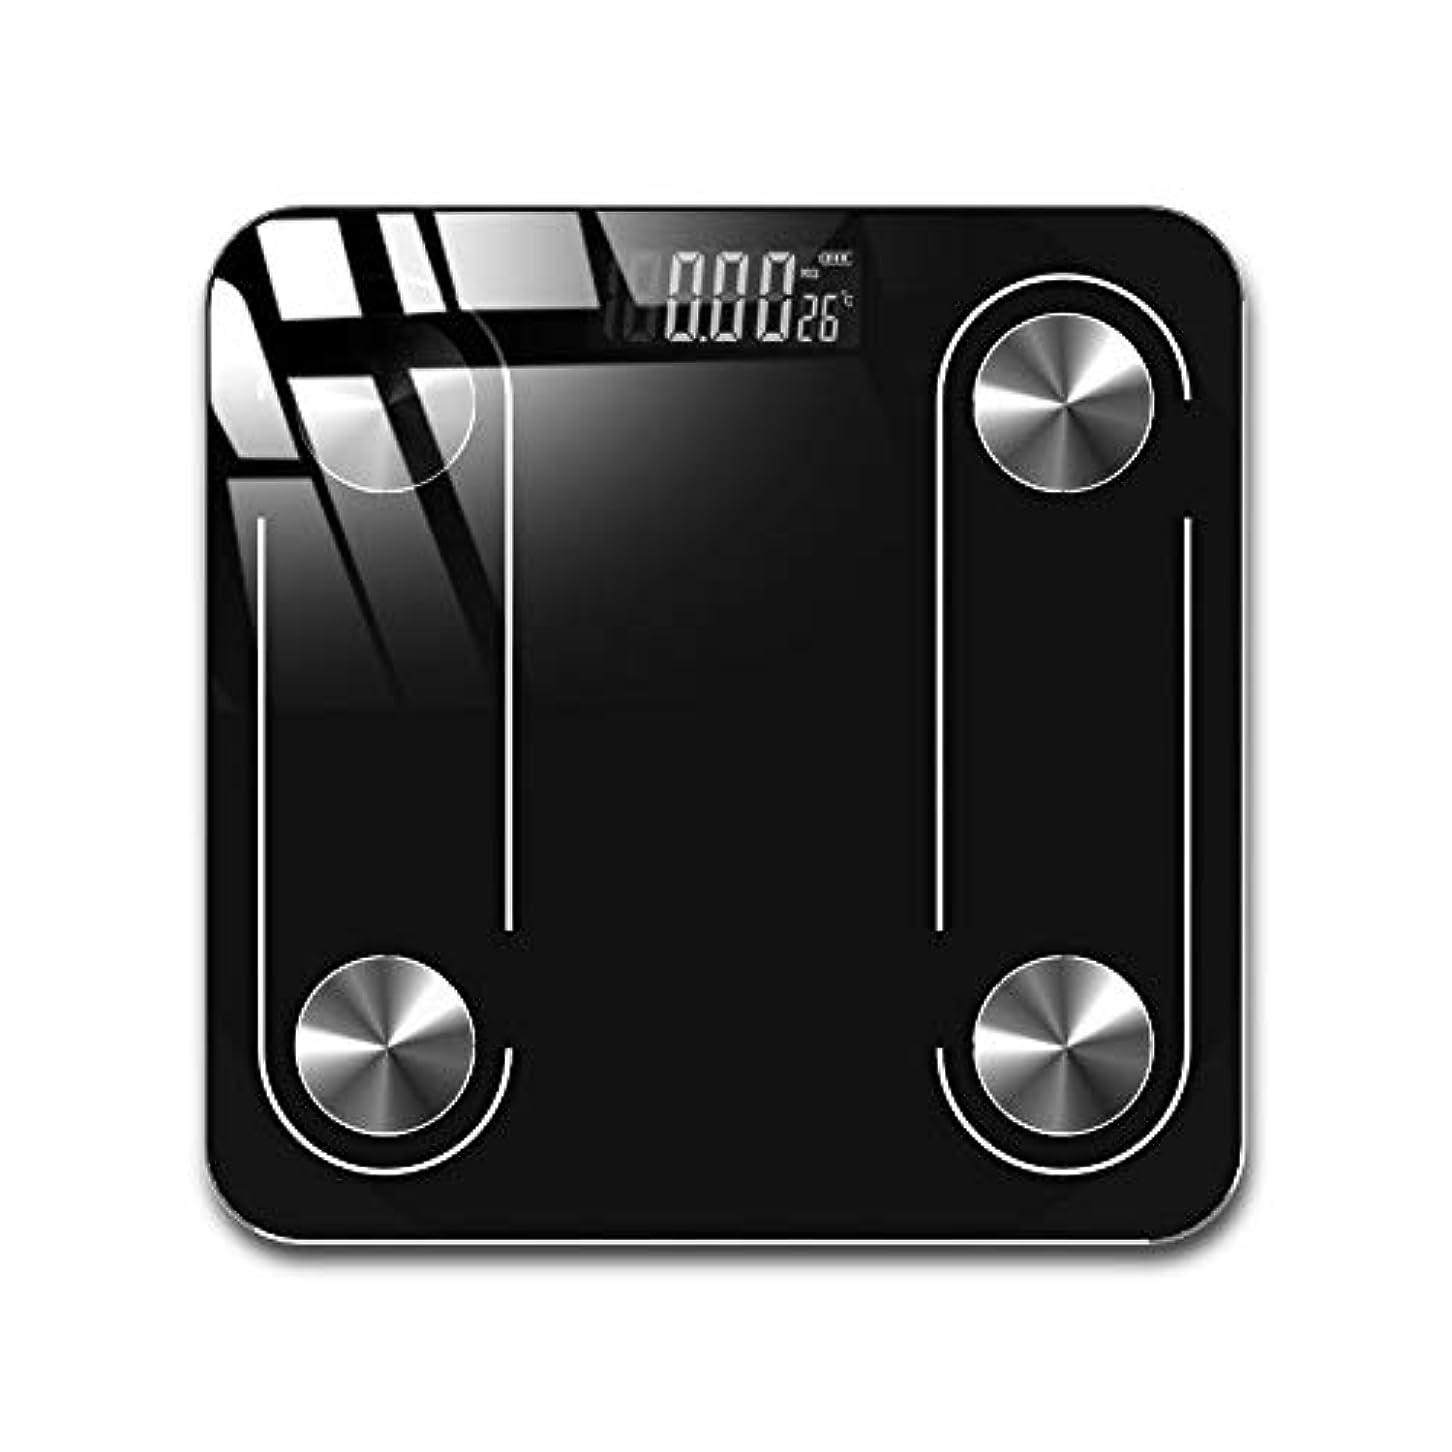 麻痺幸運なことに二度ブルートゥース インテリジェント 体 脂肪 規模 分析 人間 健康 電子 重量 規模 アプリ 接続 音声 ガイダンス 操作、 USB 充電 と データ ケーブル